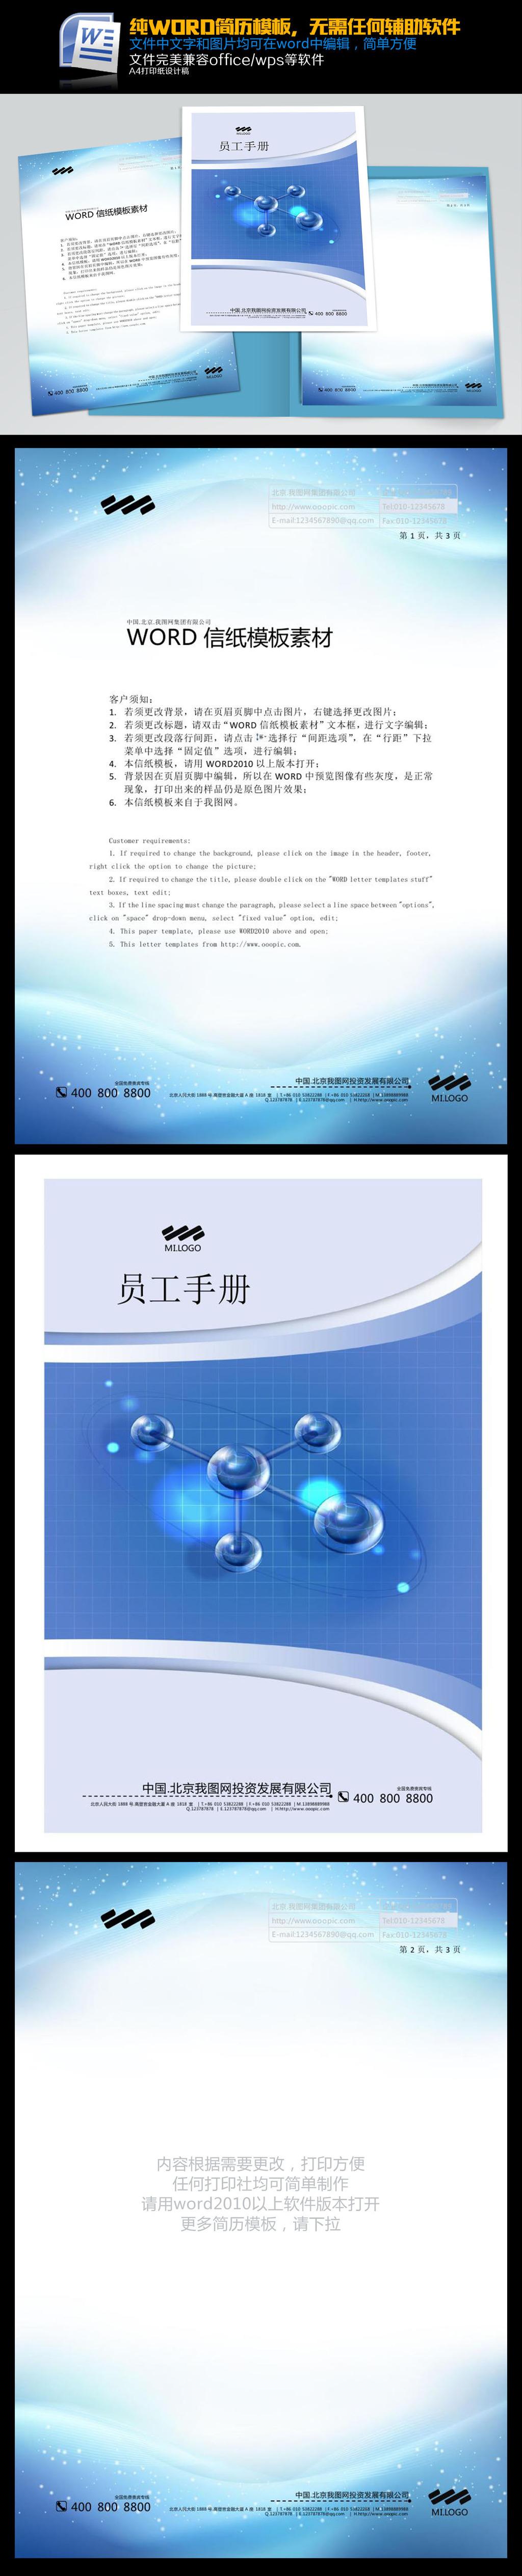 背景 模板/[版权图片]科技商务地产商场word信纸背景模板下载